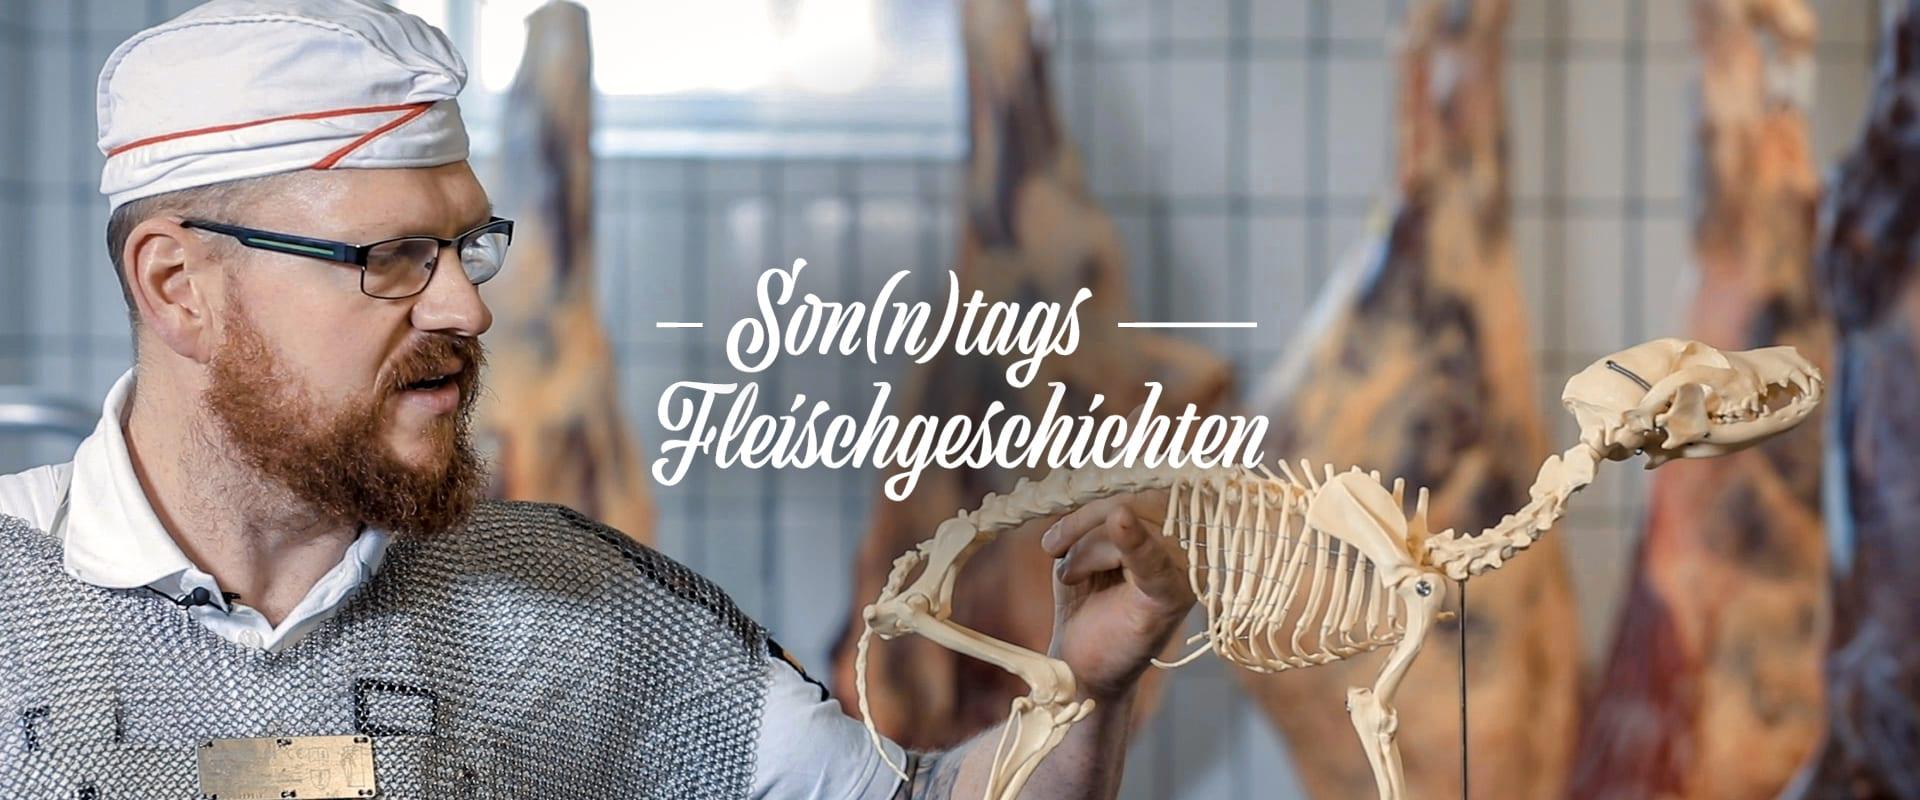 """Son(n)tags Fleischgeschichten: Wie definiert man eigentlich """"Fleisch""""?"""